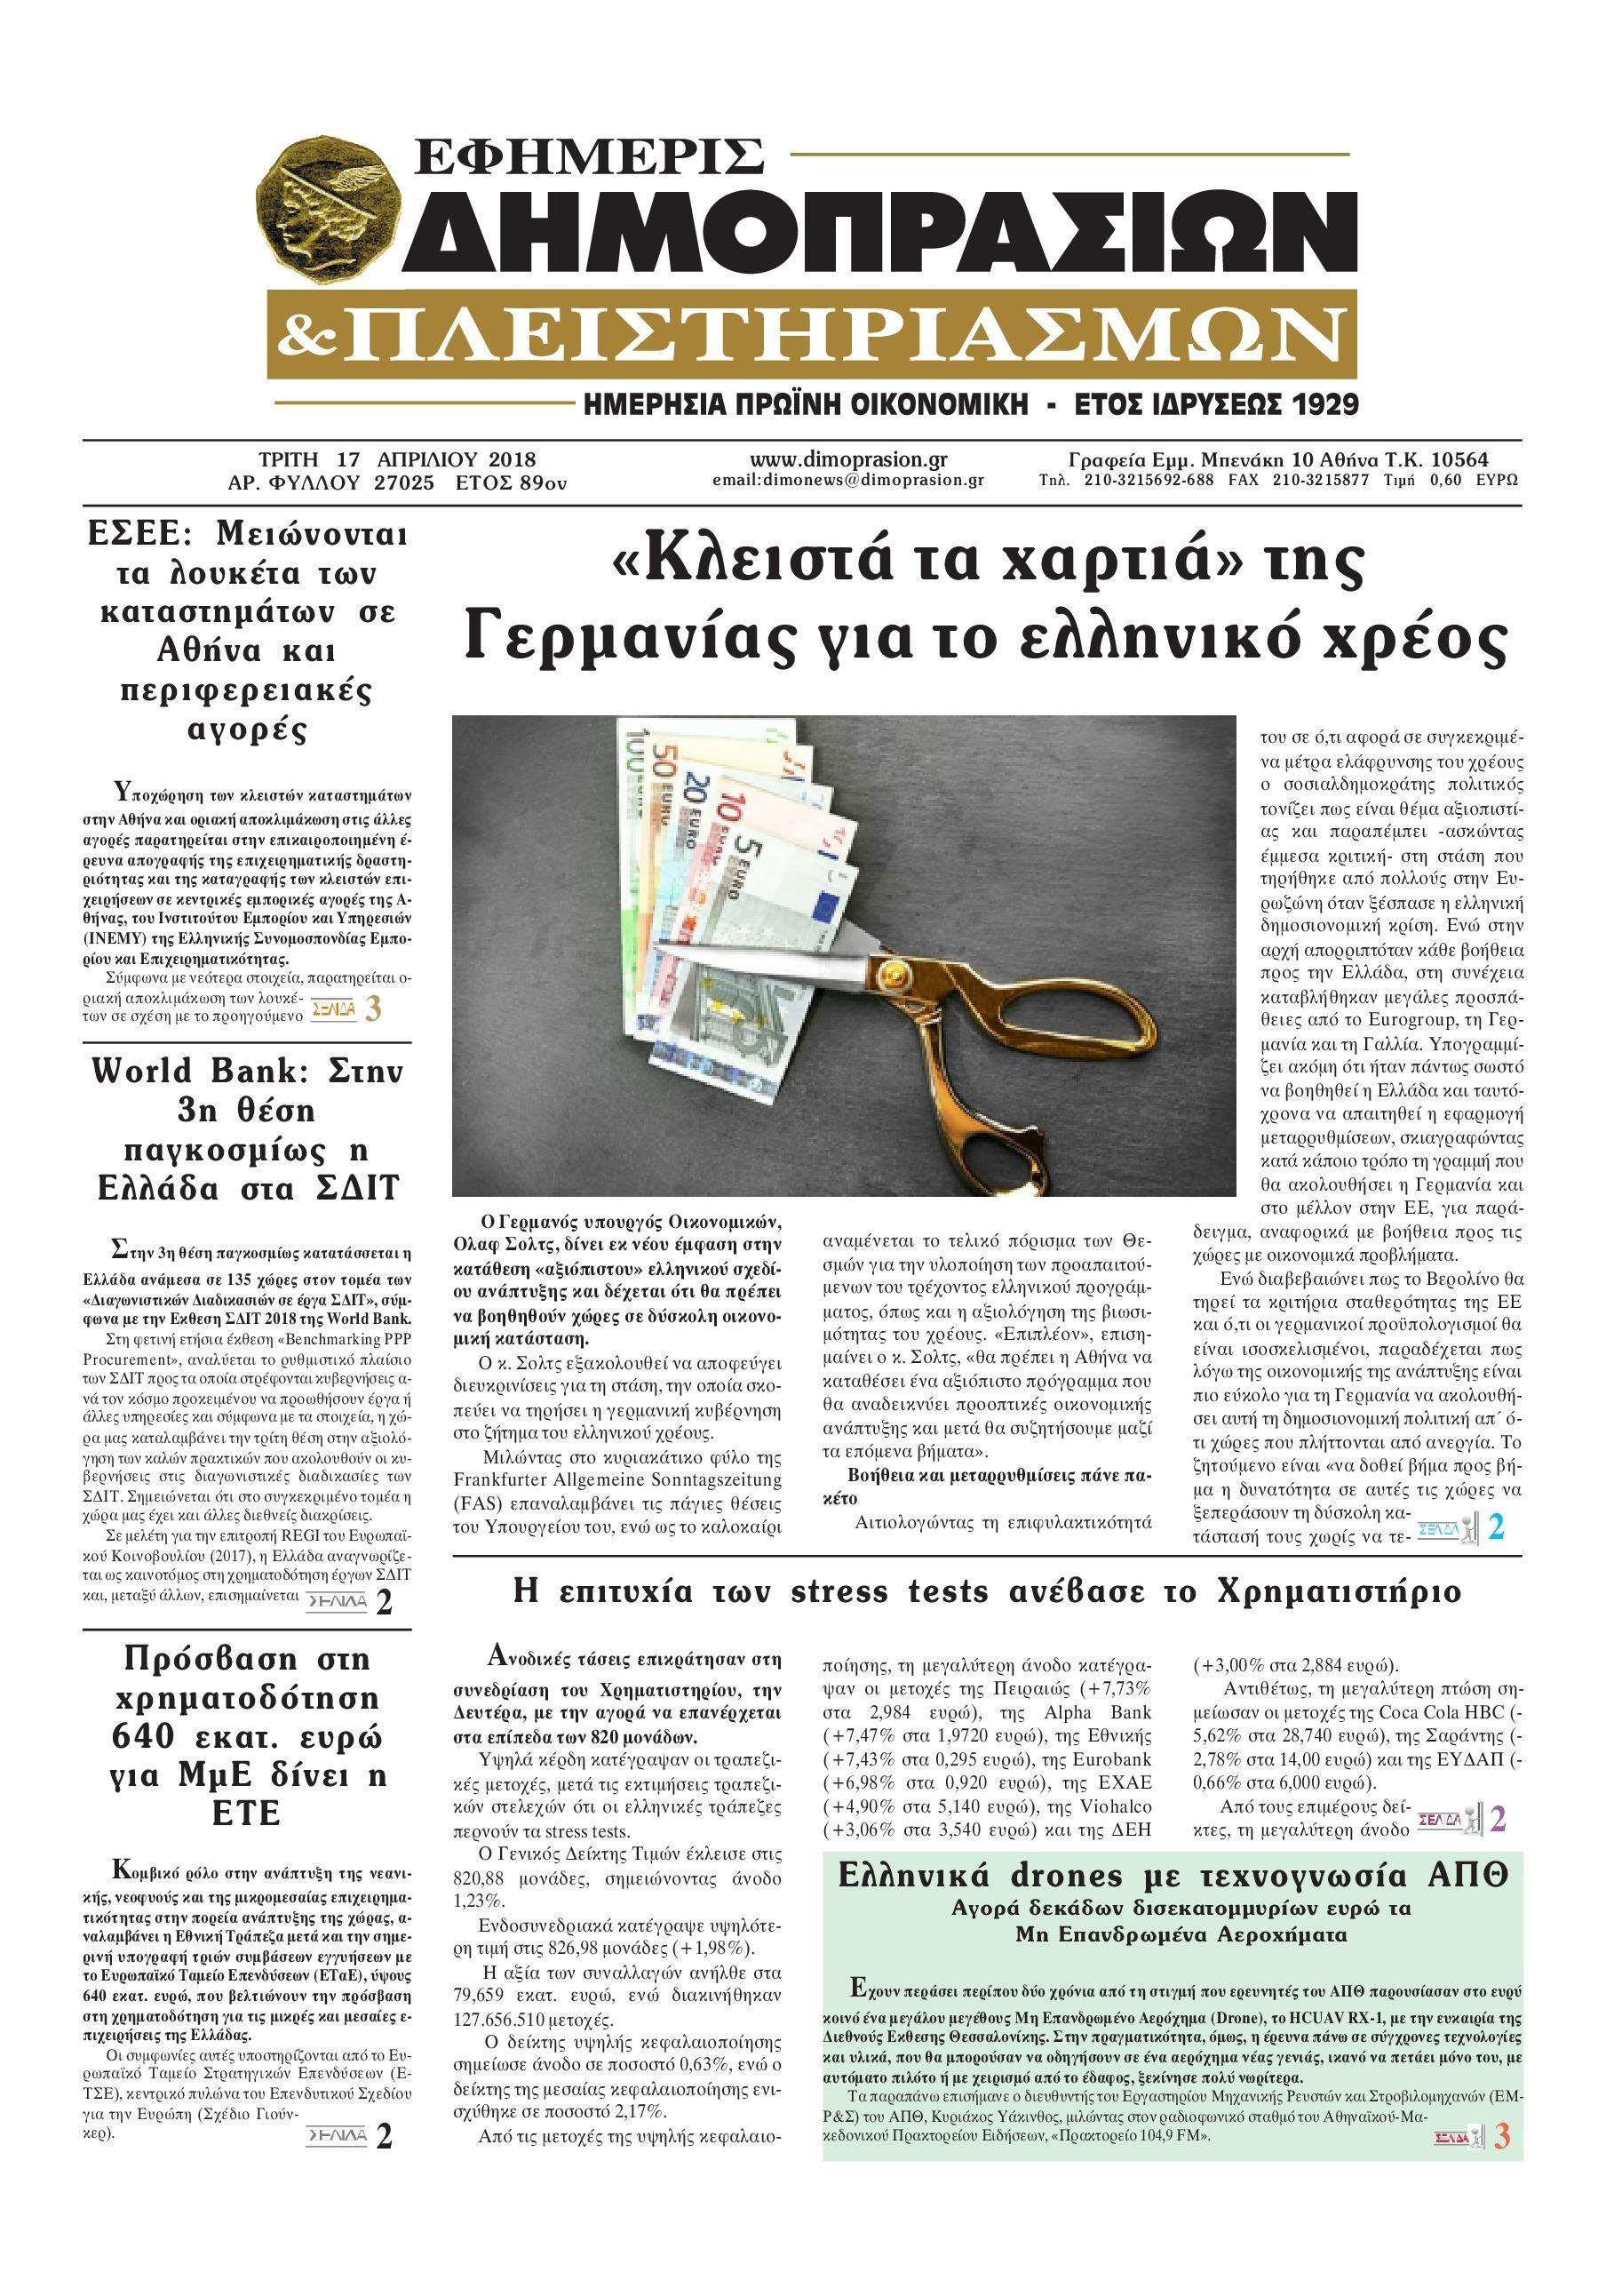 Πρωτοσέλιδο εφημερίδας ����������������������